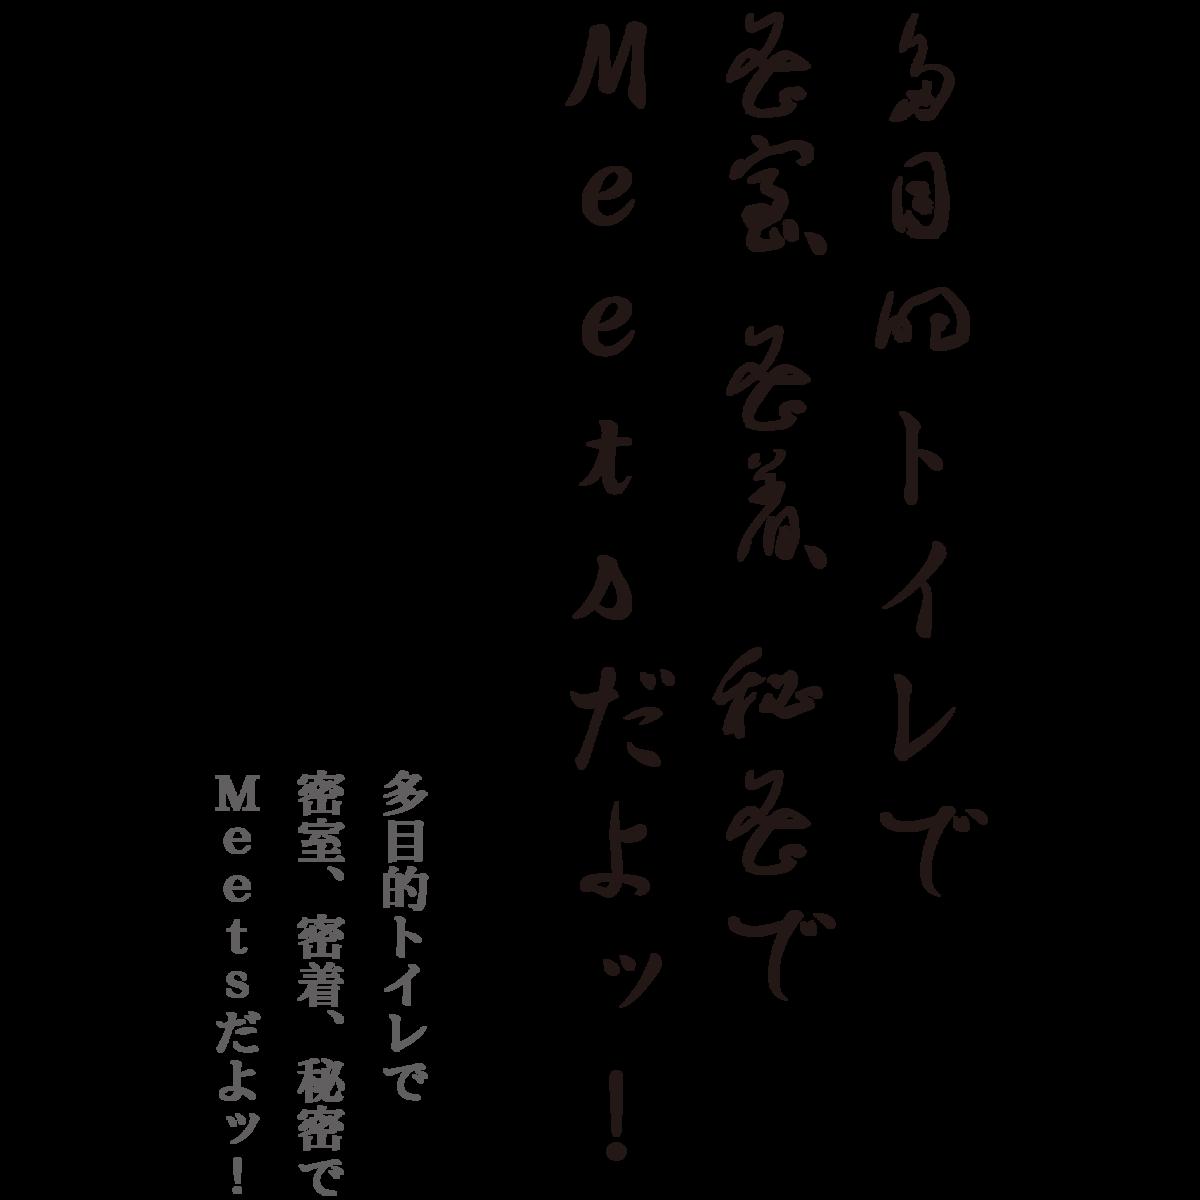 f:id:mojiru:20201216163408p:plain